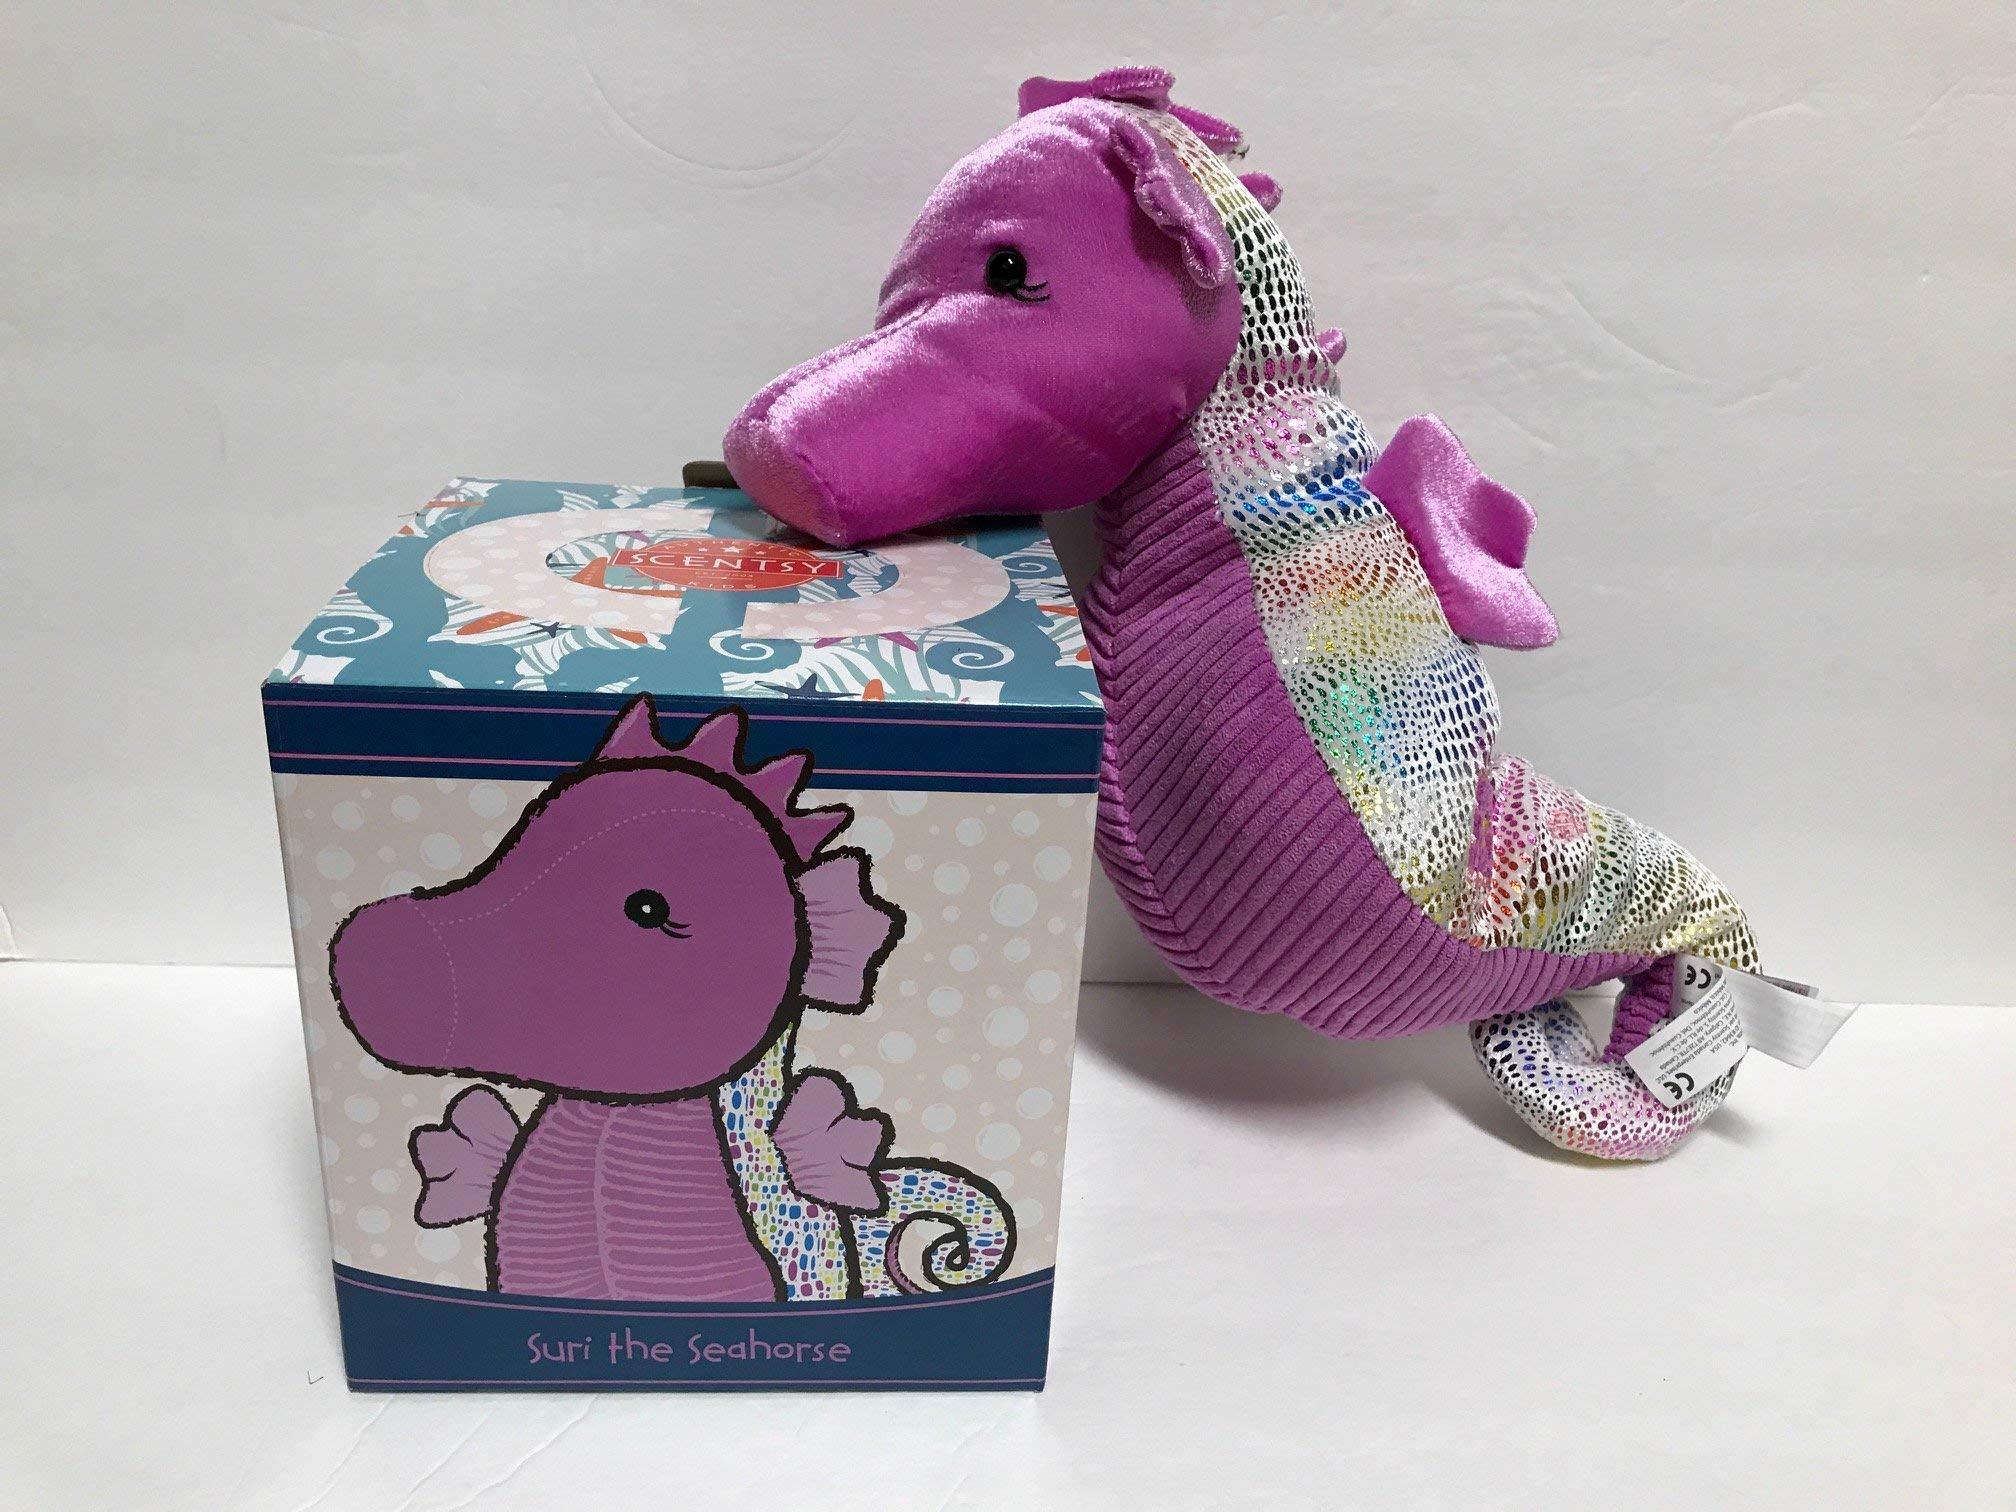 Scentsy Buddy Suri the Seahorse by Scentsy